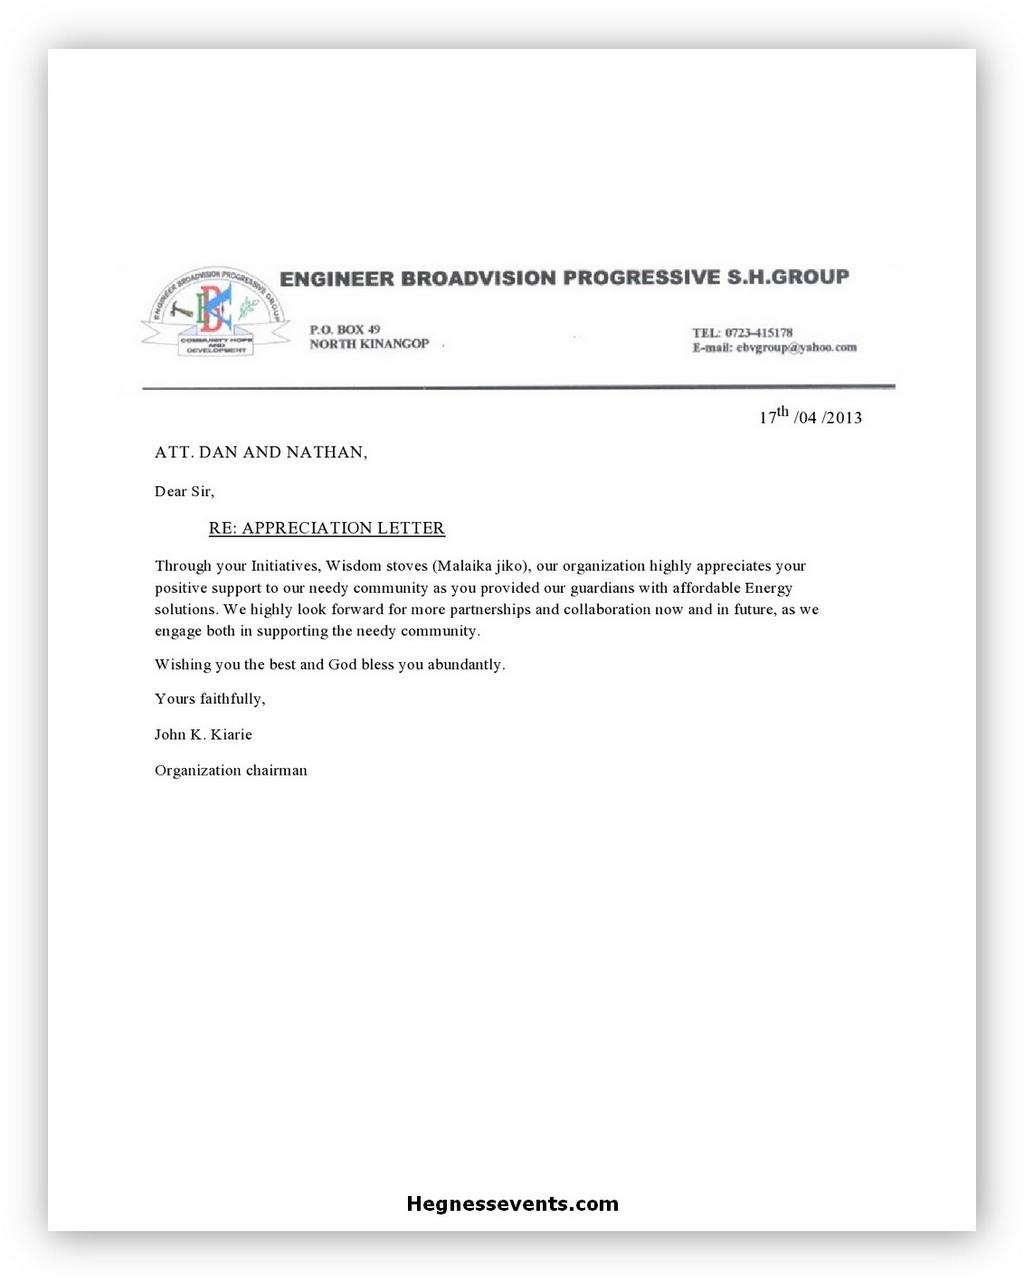 Appreciation Letter 04